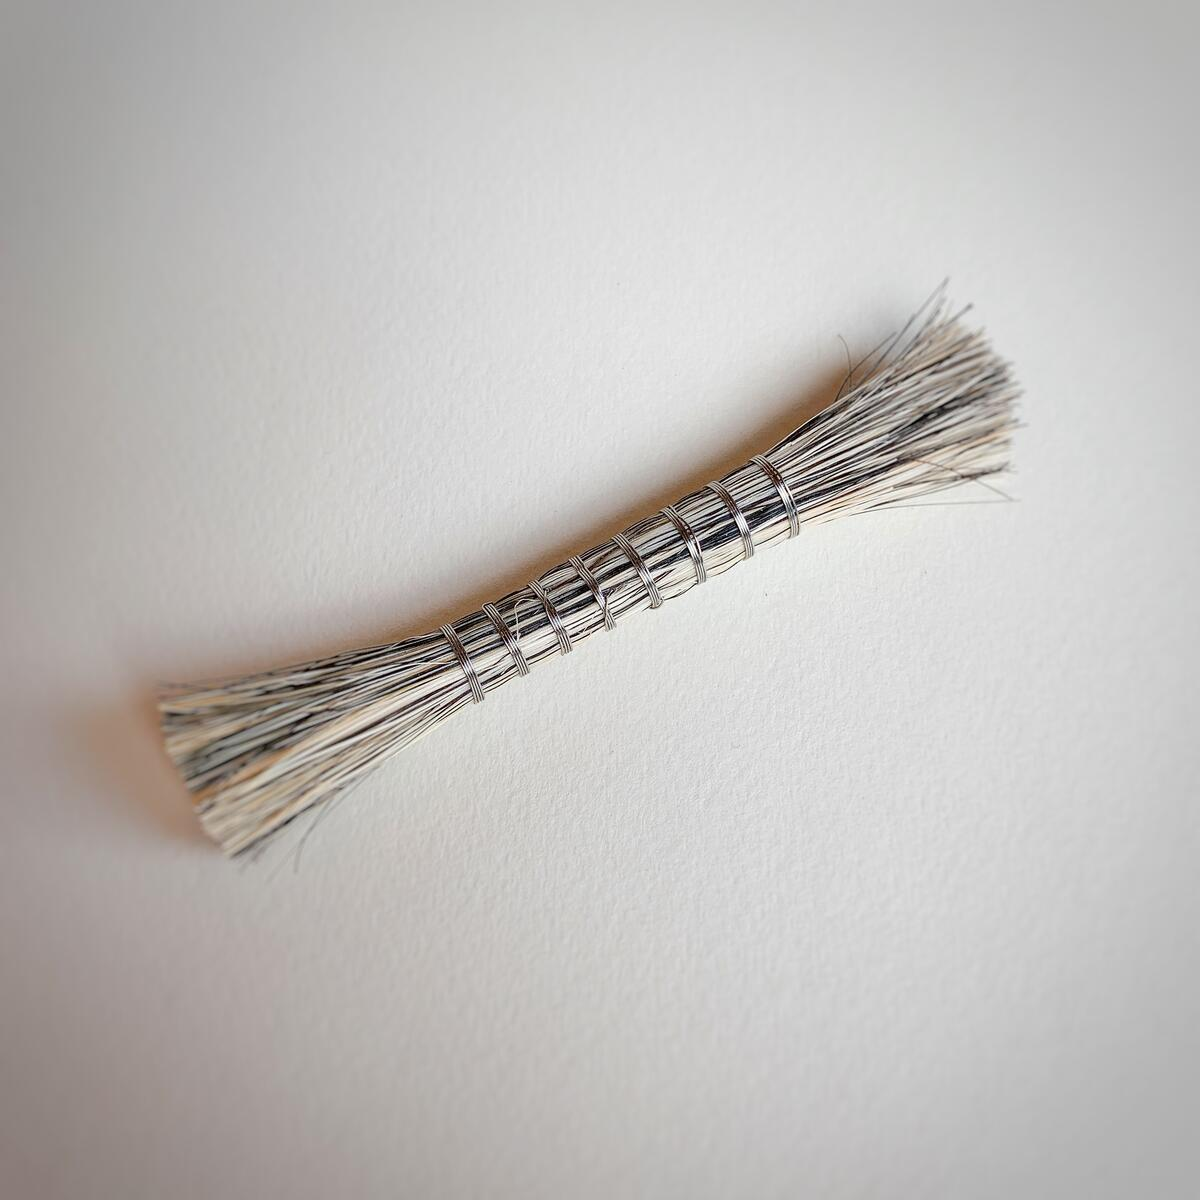 天然素材でできた こだわりのつげブラシお手入れ用 最安値に挑戦 お手入れ用ハケ 35%OFF つげブラシ